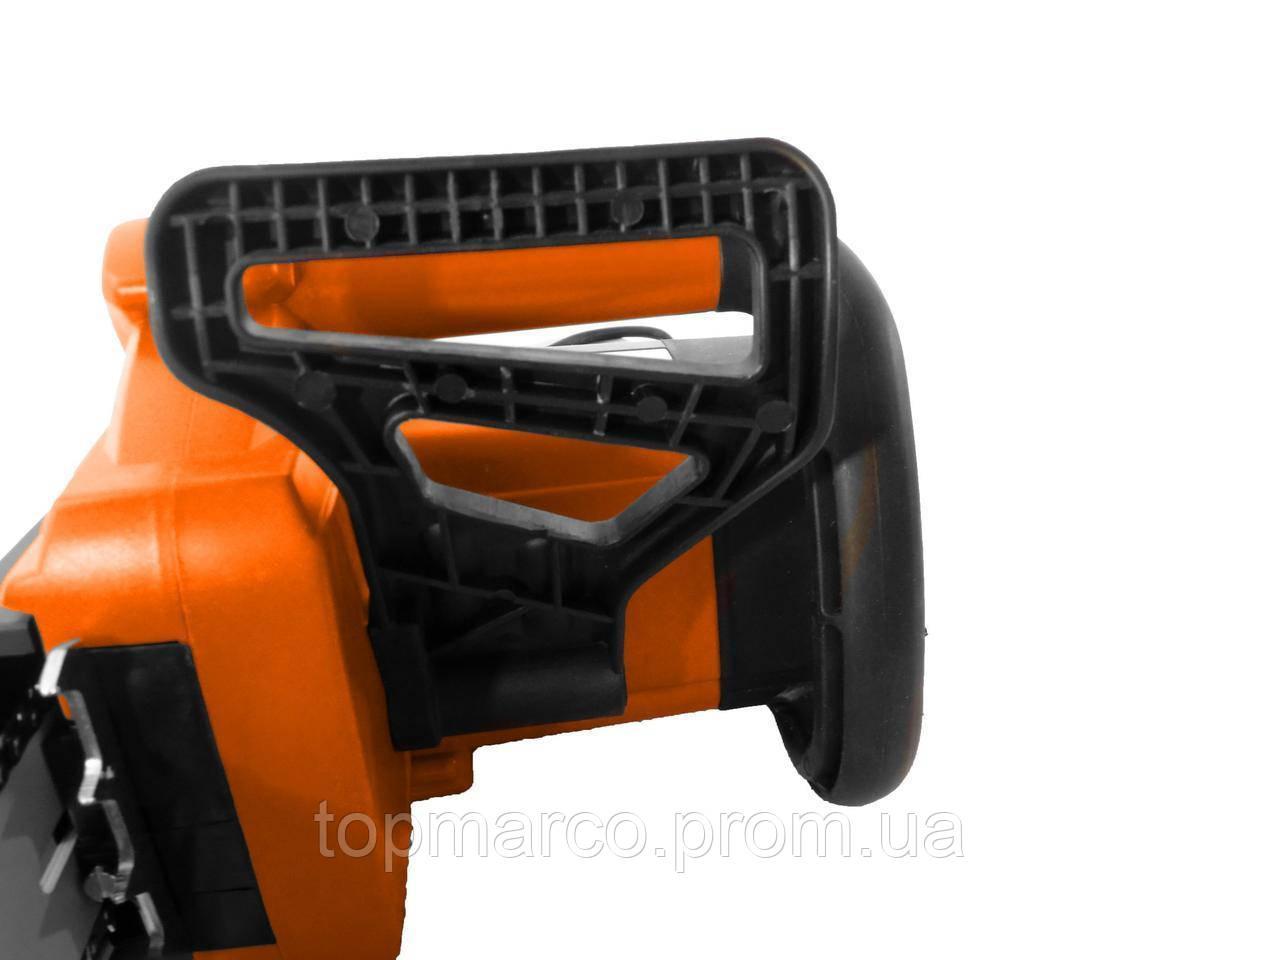 Пила цепная электрическая Handy GP1835 1800 ВТ 5